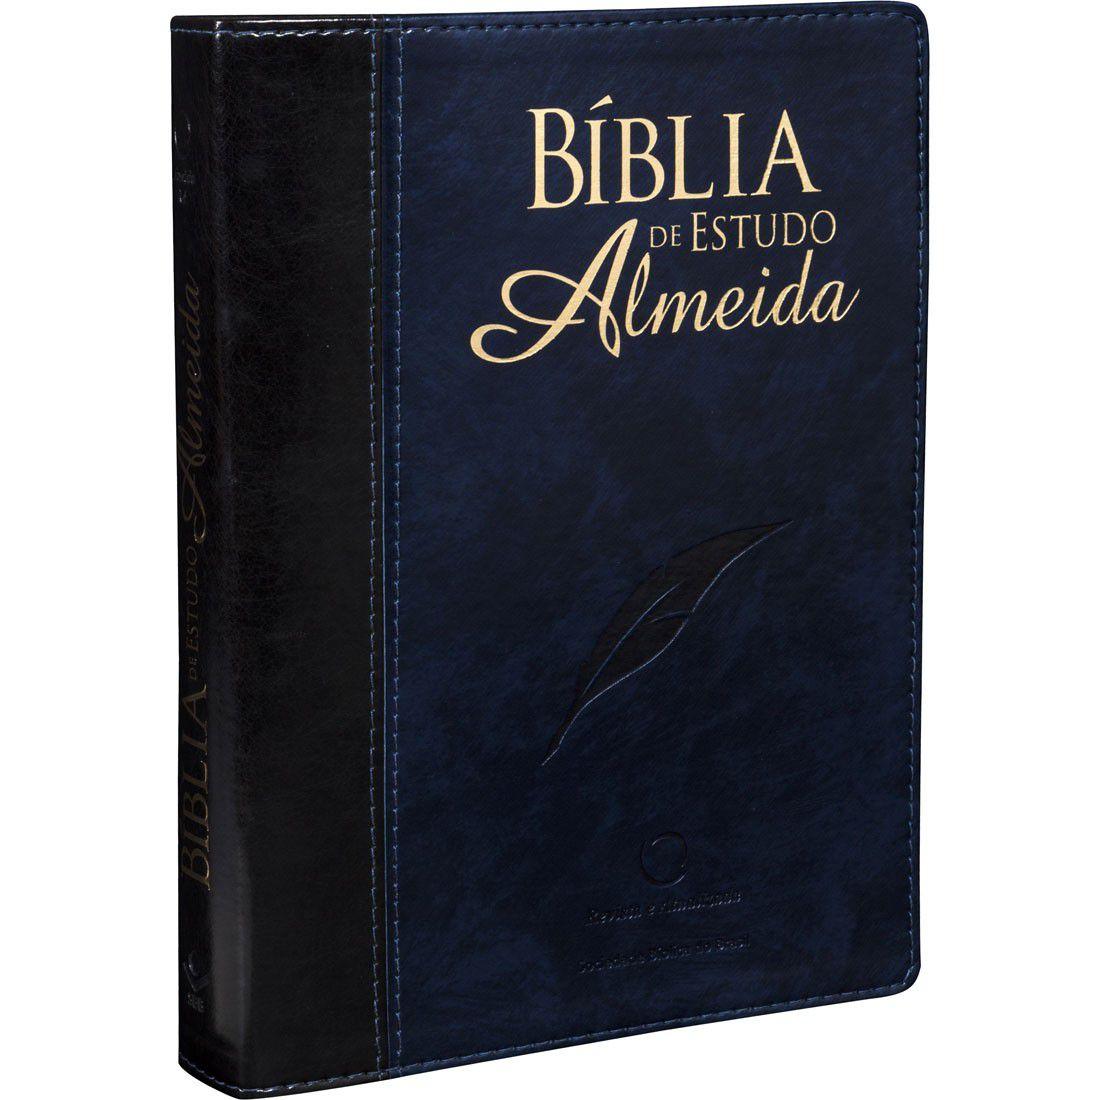 Bíblia de Estudo Almeida ARA  - Livraria Betel